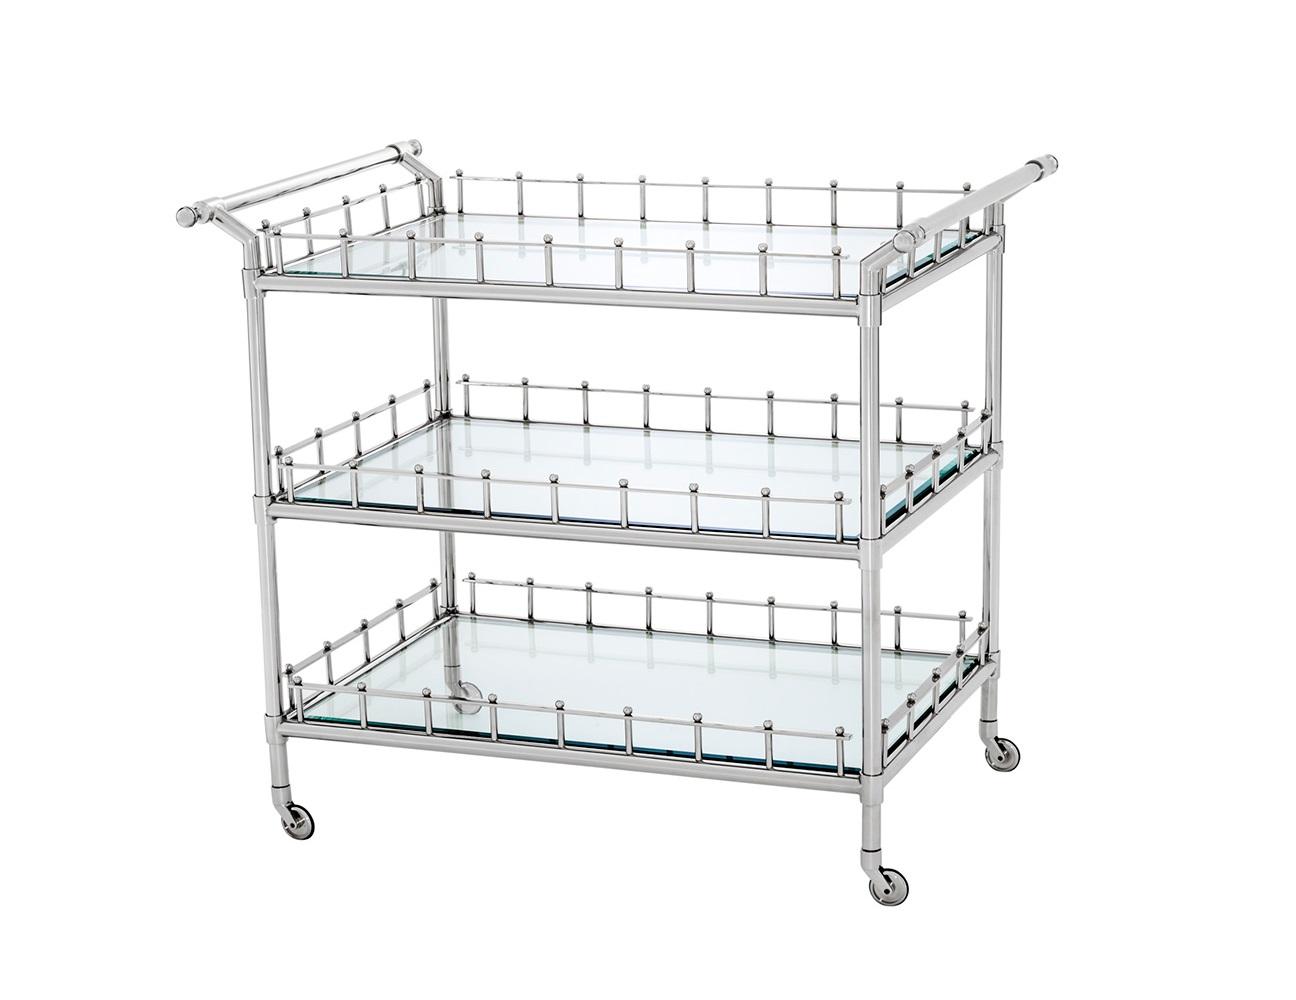 СтолСервировочные столики<br>Сервировочный столик Trolley Scarlett на колесиках выполнен из никелированного металла. Столешница и полки выполнены из плотного прозрачного стекла.<br><br>Material: Металл<br>Width см: 102<br>Depth см: 71,5<br>Height см: 90,5